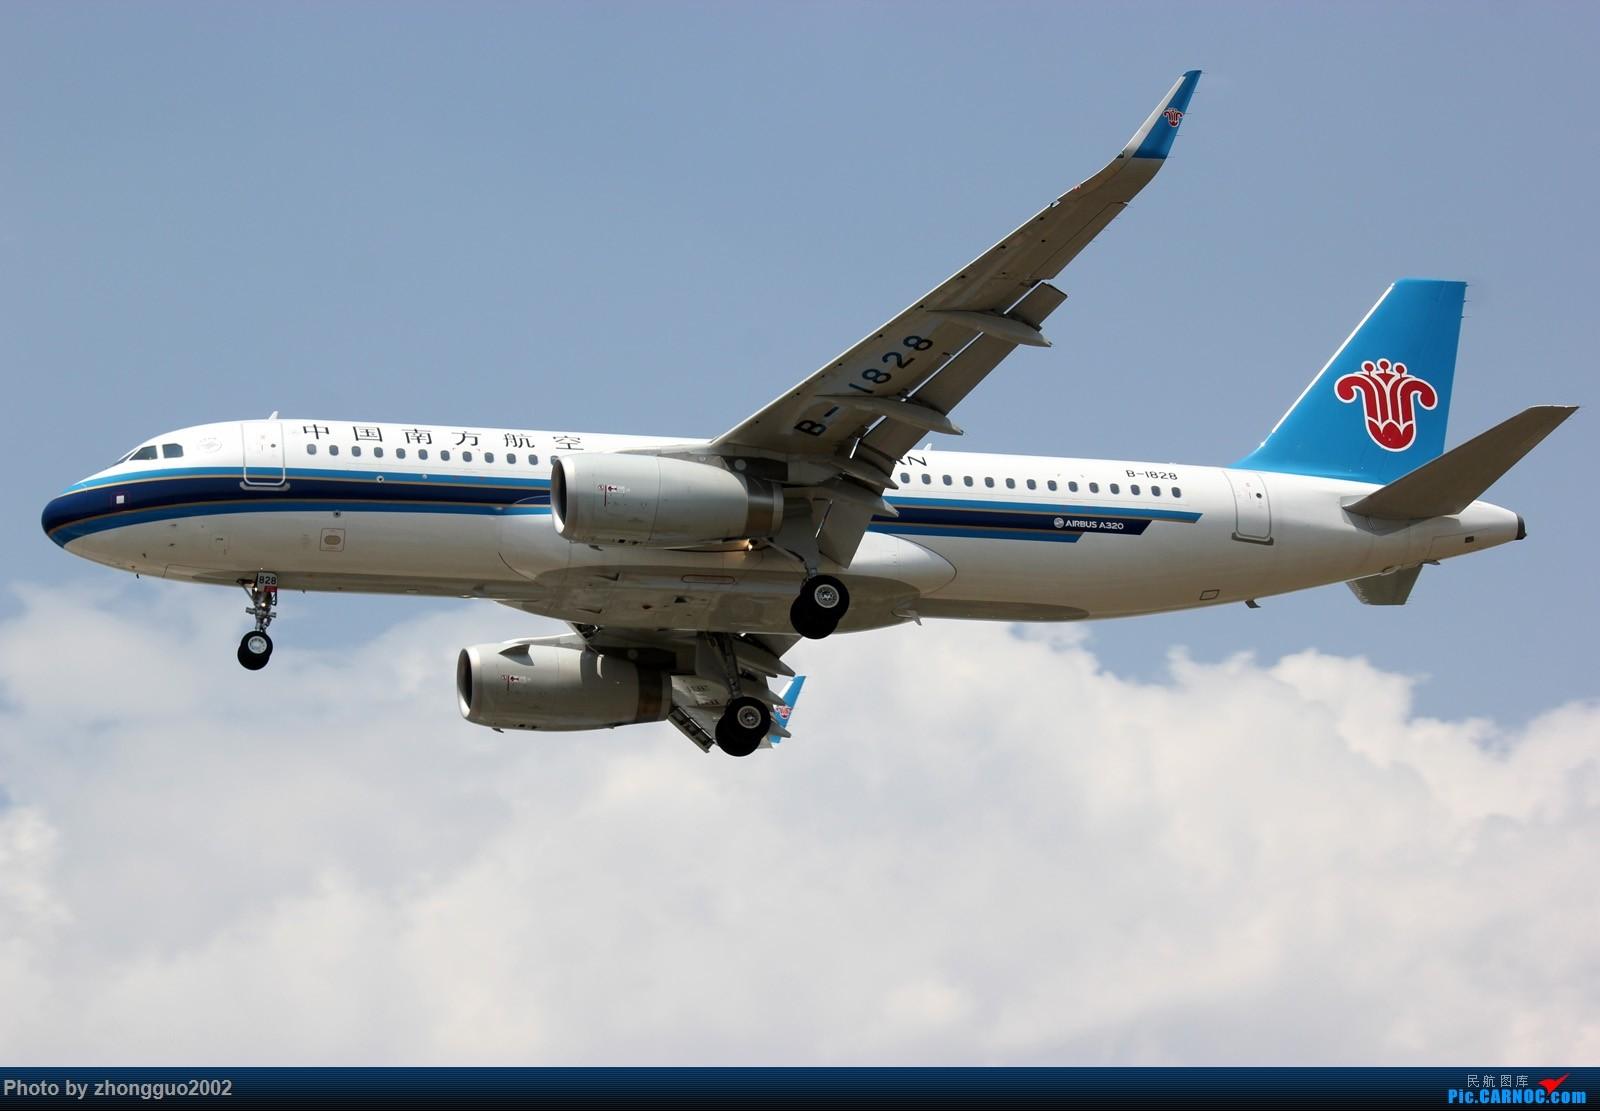 Re:[原创]【BLDDQ--深圳打机队】发小飞机盖楼贴,凡跟帖1字开头大陆民航飞机图的,每图五架小飞机不重复 AIRBUS A320-200 B-1828 中国呼和浩特白塔国际机场